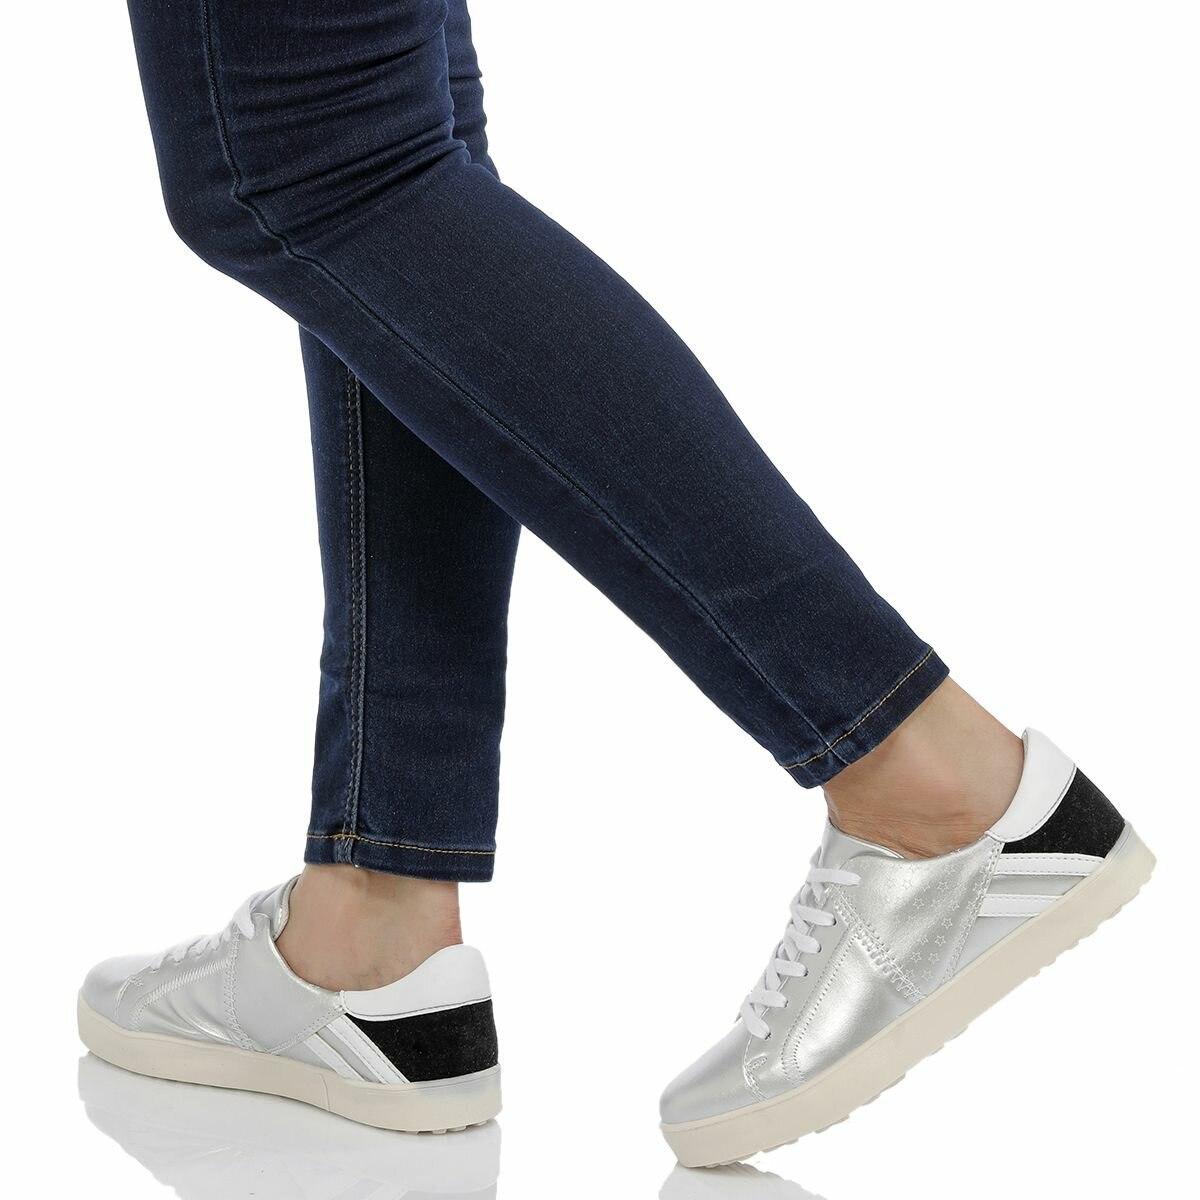 FLO CS18019 Silver Women 'S Sneaker Shoes BUTIGO